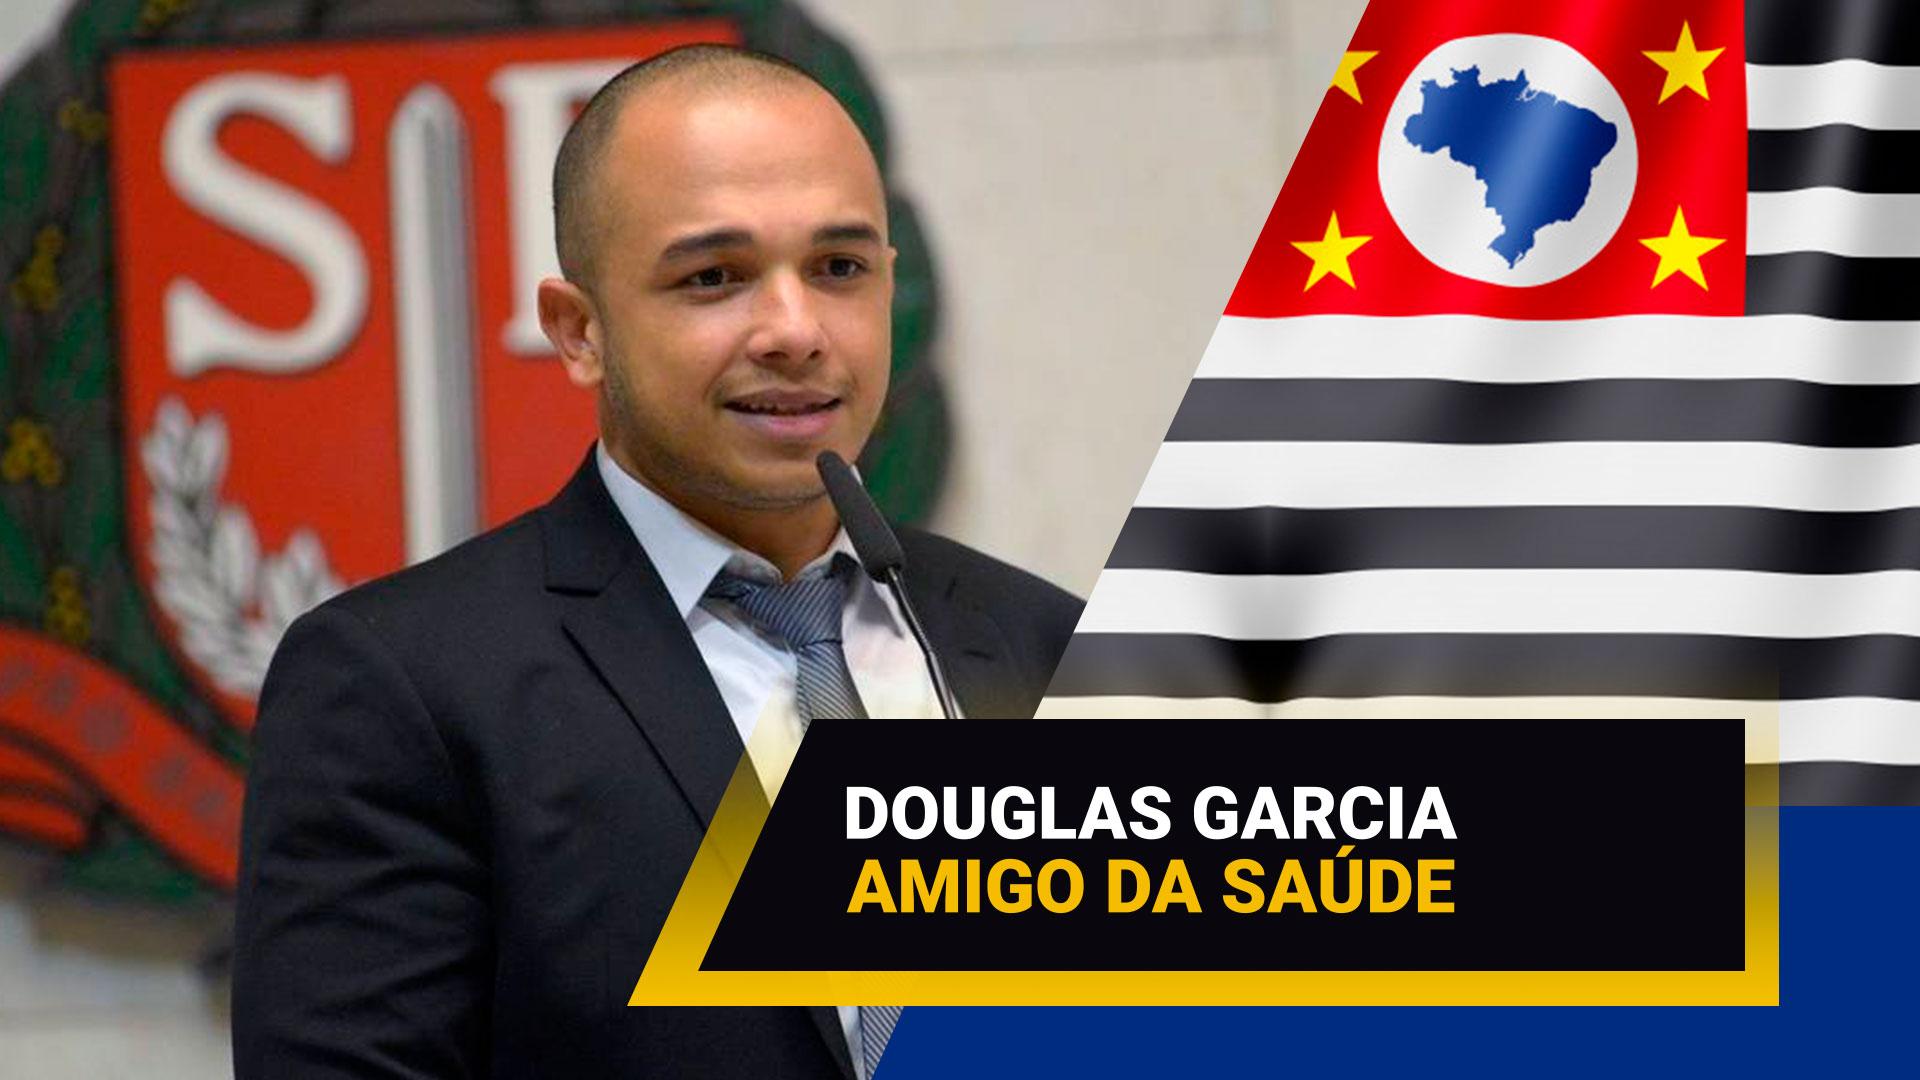 deputado-estadual-douglas-garcia-e-amigo-da-saude - Acao Comunicativa